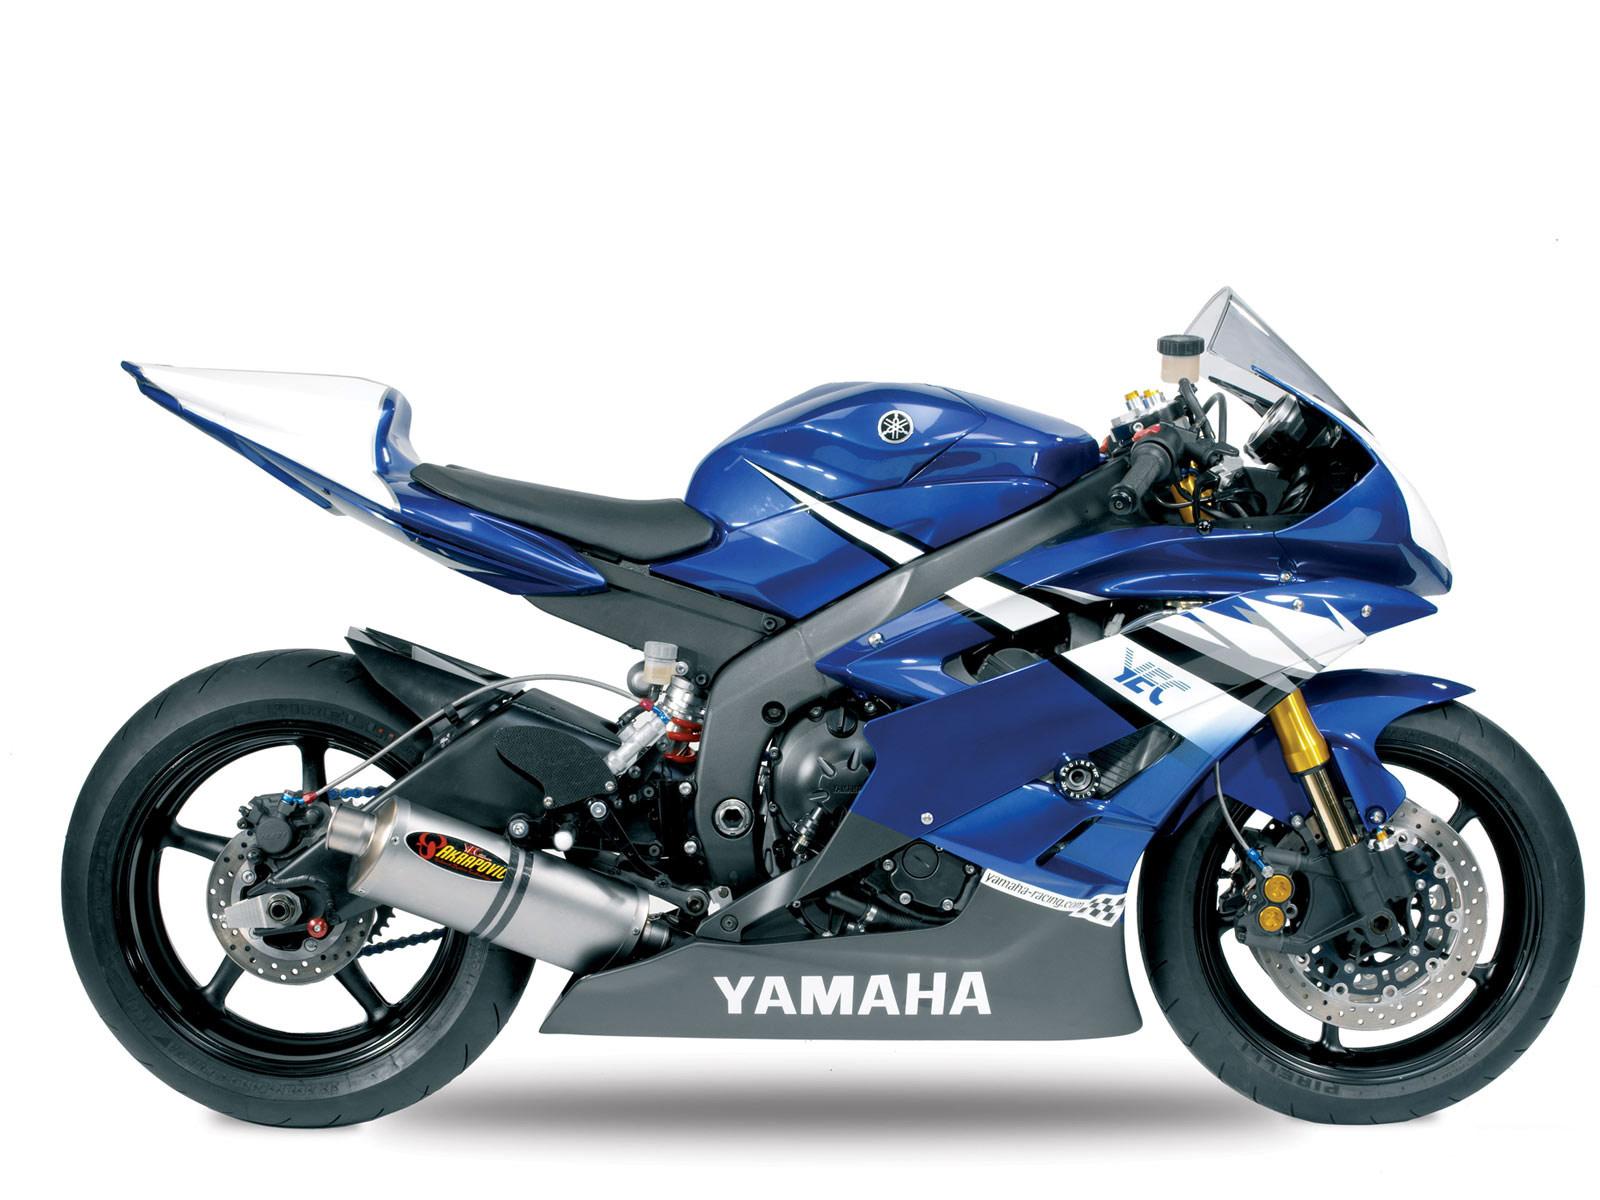 http://4.bp.blogspot.com/-qxzjrmZEASE/Ts3j8DobiRI/AAAAAAAAEvg/jWXszOlptNE/s1600/2006-YAMAHA-YZF-R6-Circuit_motorcycle-desktop-wallpaper_02.jpg